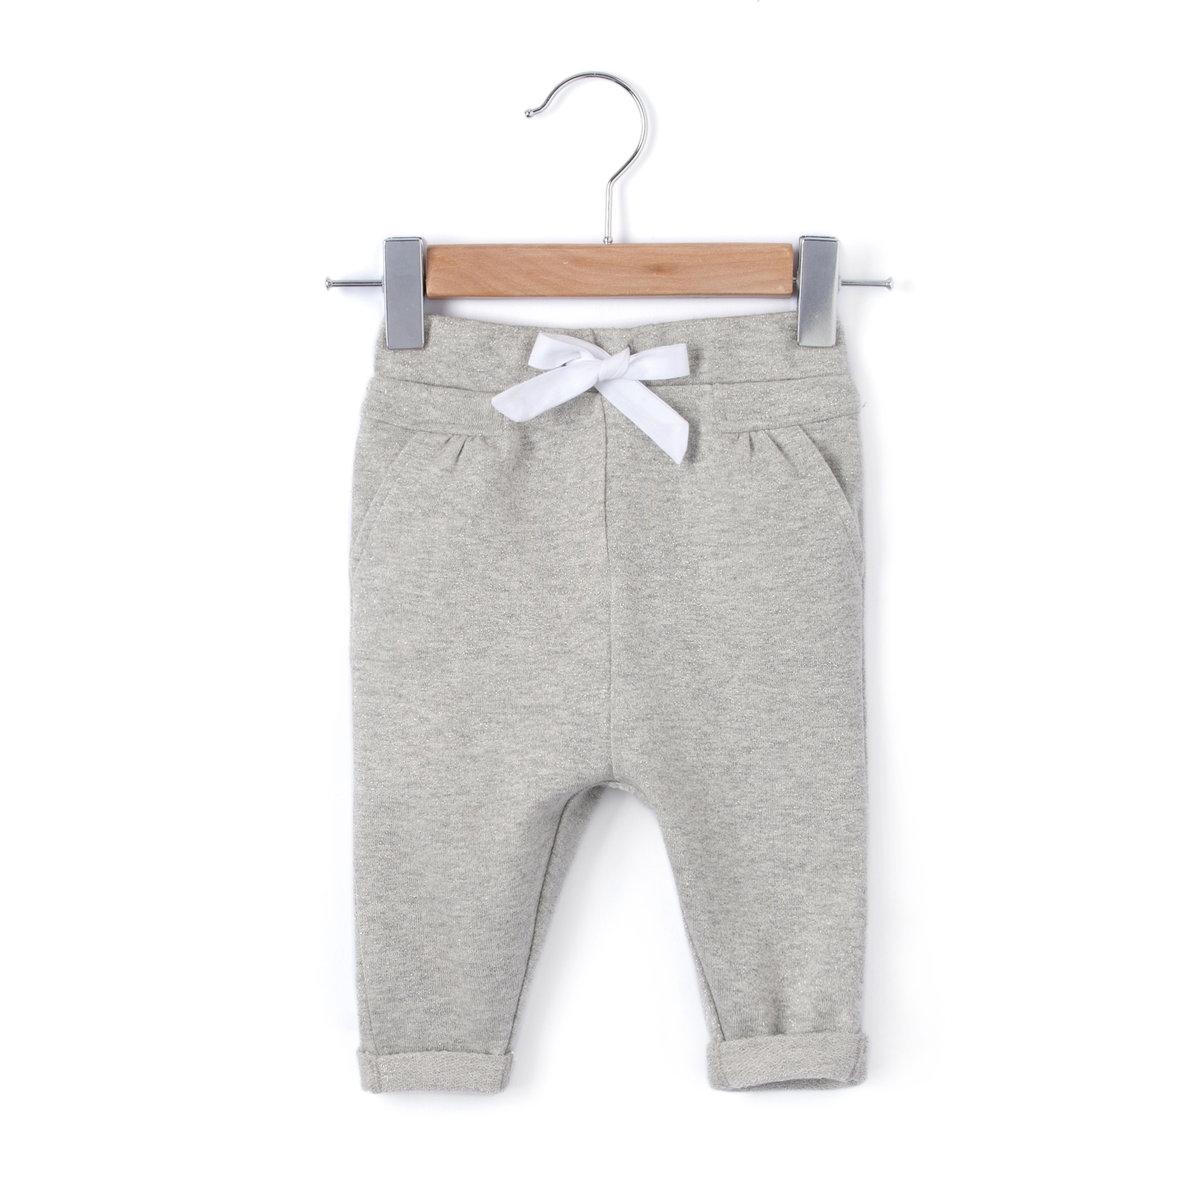 Брюки с пайетками, 1 месяц -3 годаСпортивные брюки без застежки, 95% хлопка, 5% метализированного волокна. Идеальны для вашего маленького непоседы, не сковывают в движении. Полностью эластичный пояс на кулиске  с завязками. 2 кармана спереди. . Отрезные детали по внутр. шву. Низ брючин с отворотами.<br><br>Цвет: серый меланж<br>Размер: 1 мес. - 54 см.1 год - 74 см.3 года - 94 см